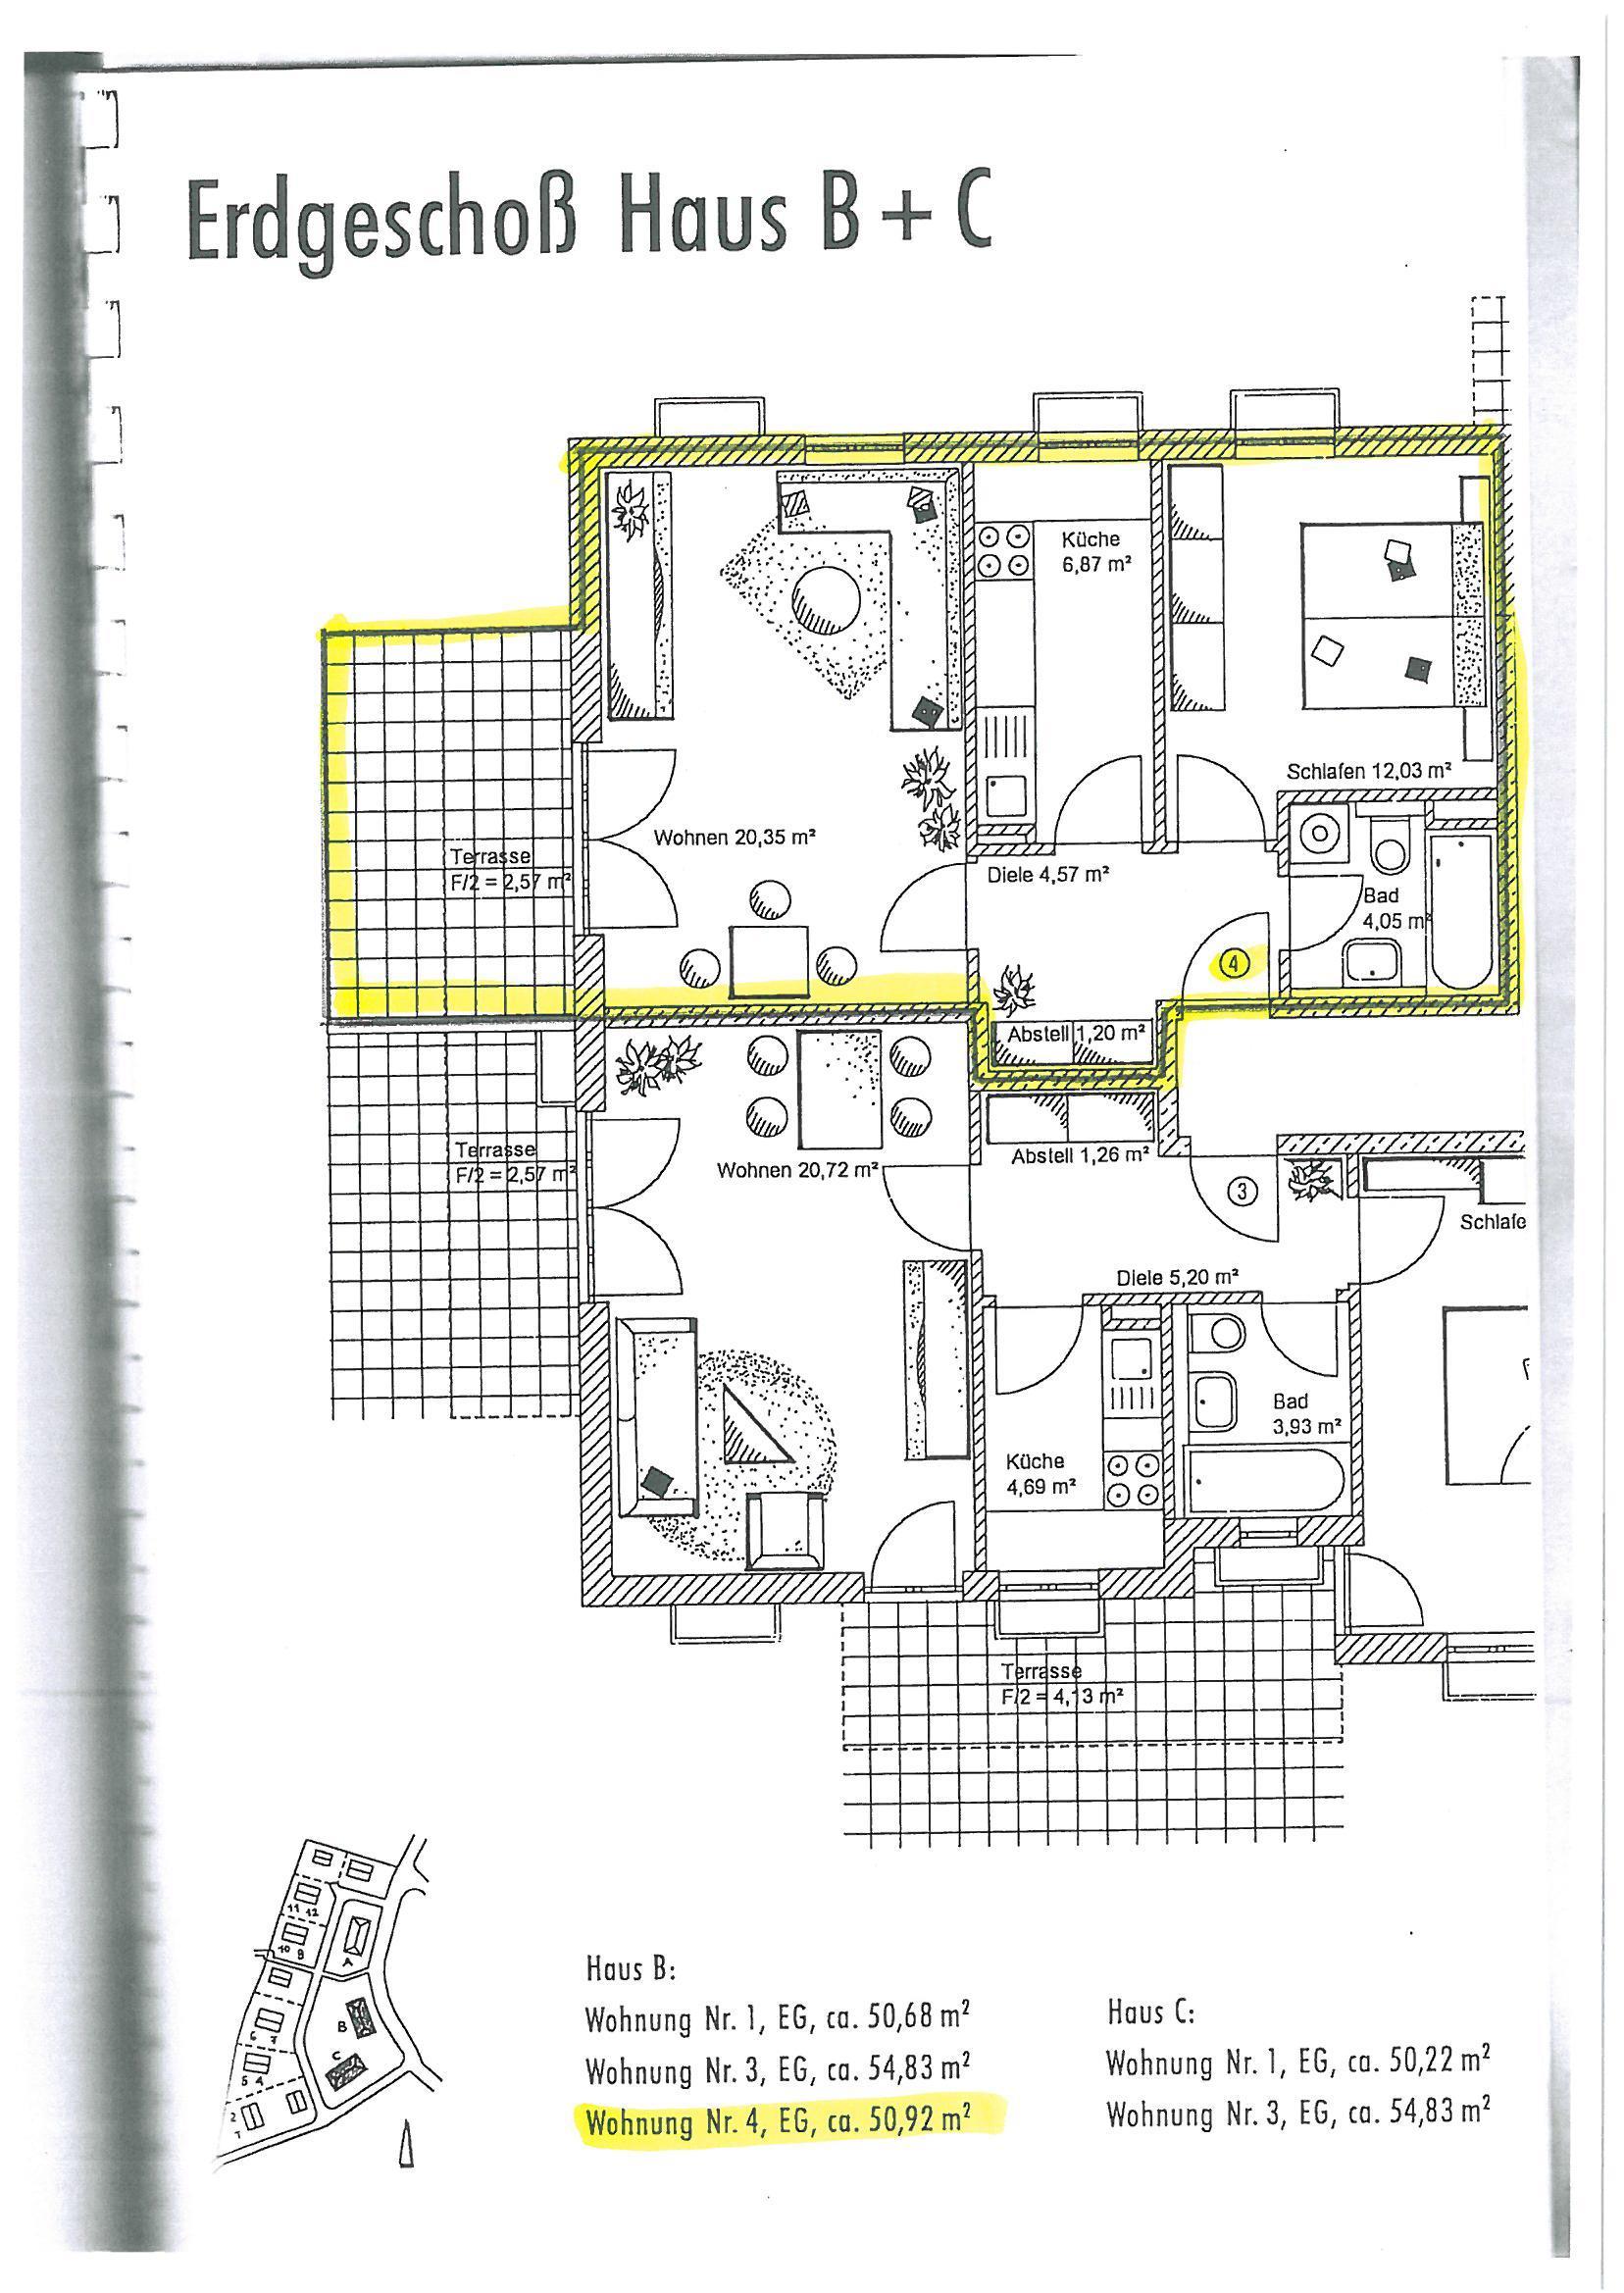 MAXXUM – Ihre Immobilien Spezialisten – TOP 2 1/2 Zimmer-Wohnung mit ...